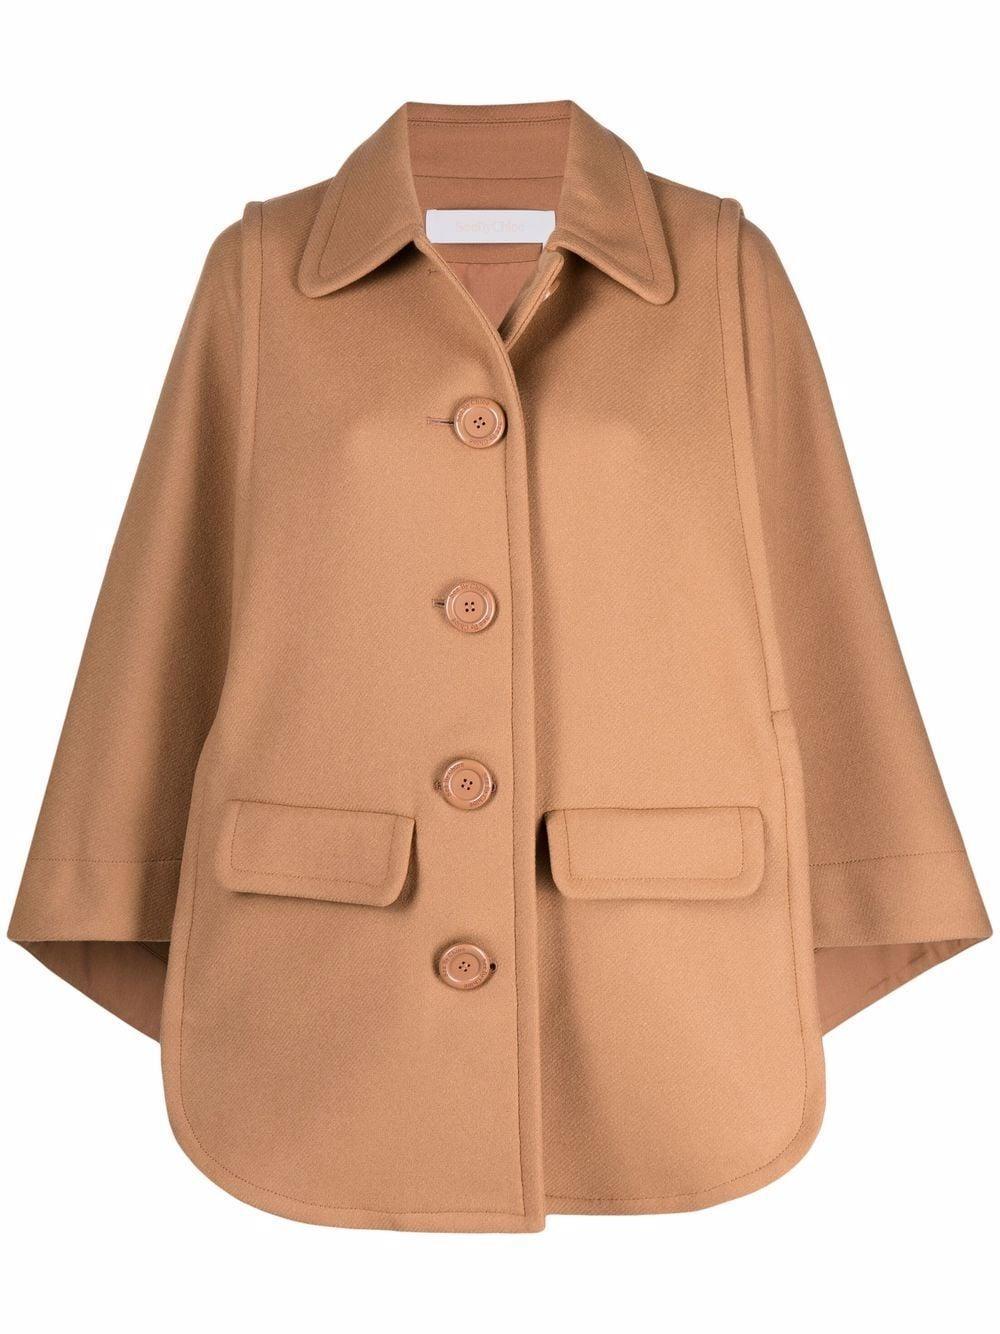 Wool Blend Cape Overcoat Item # CHS21WMA01